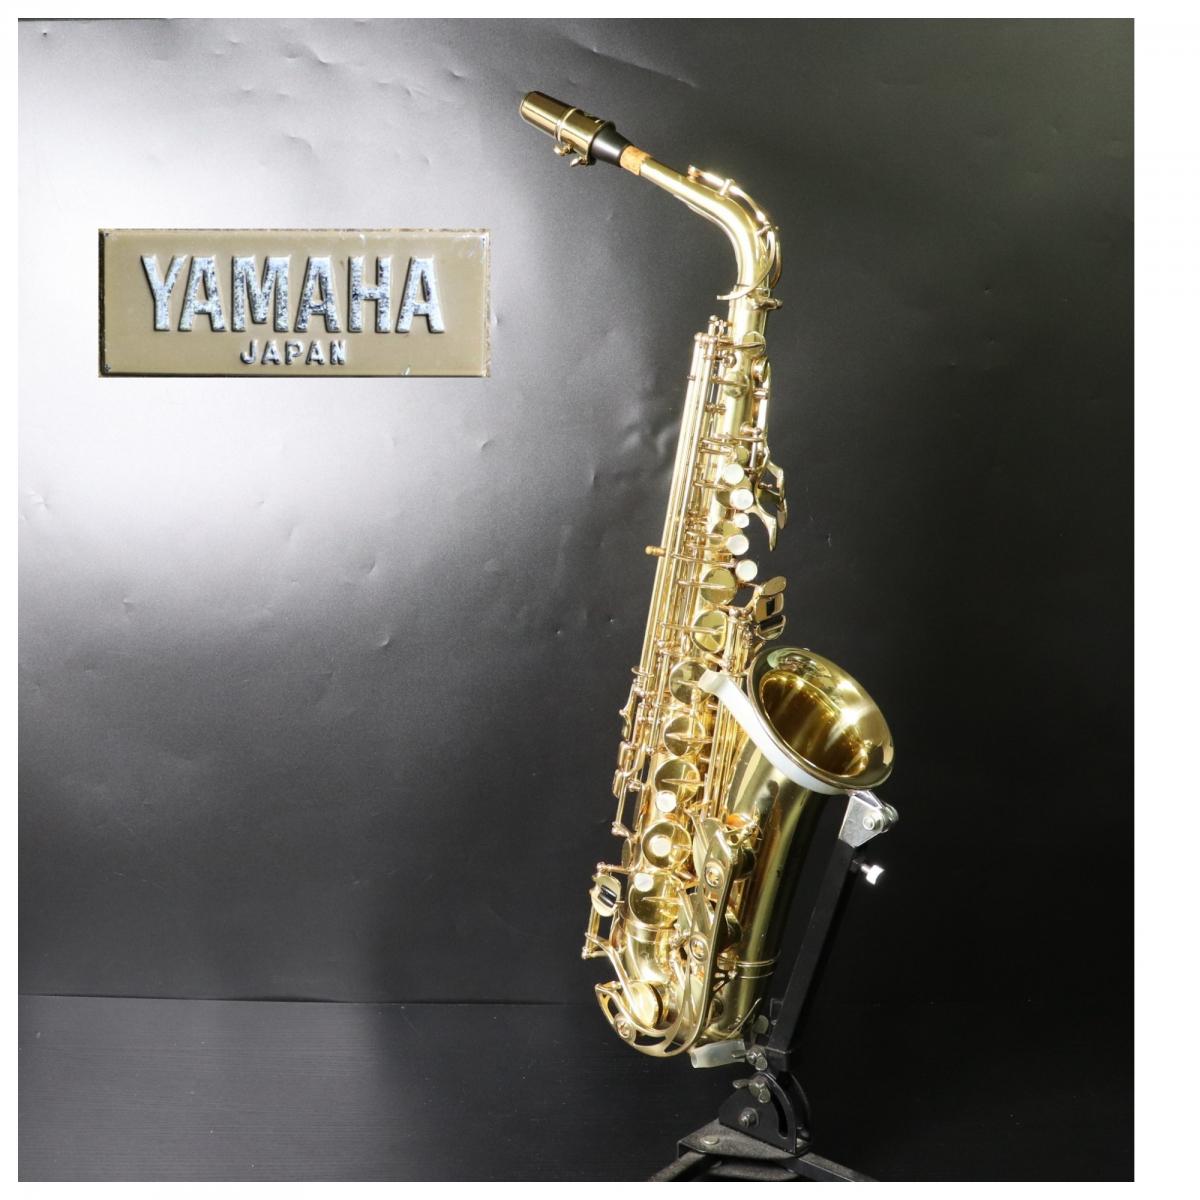 YAMAHA YAS-31 ヤマハ アルトサックス ハードケース付き FP075FGY68